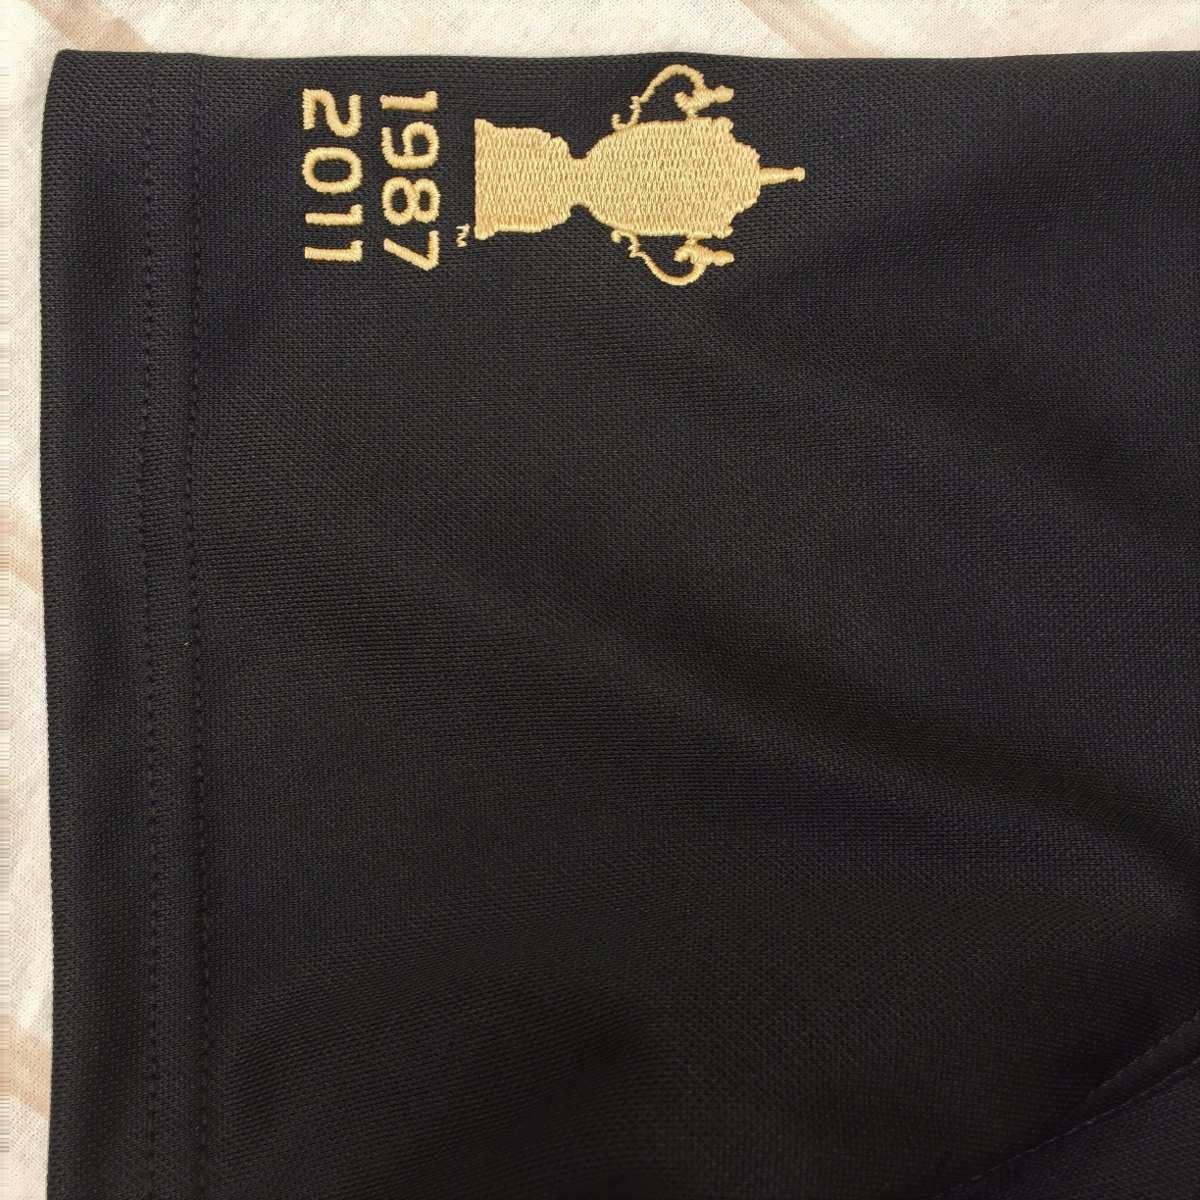 camisa adidas rugby nova zelândia 2015 preto. Carregando zoom. 2cd029113f2d9